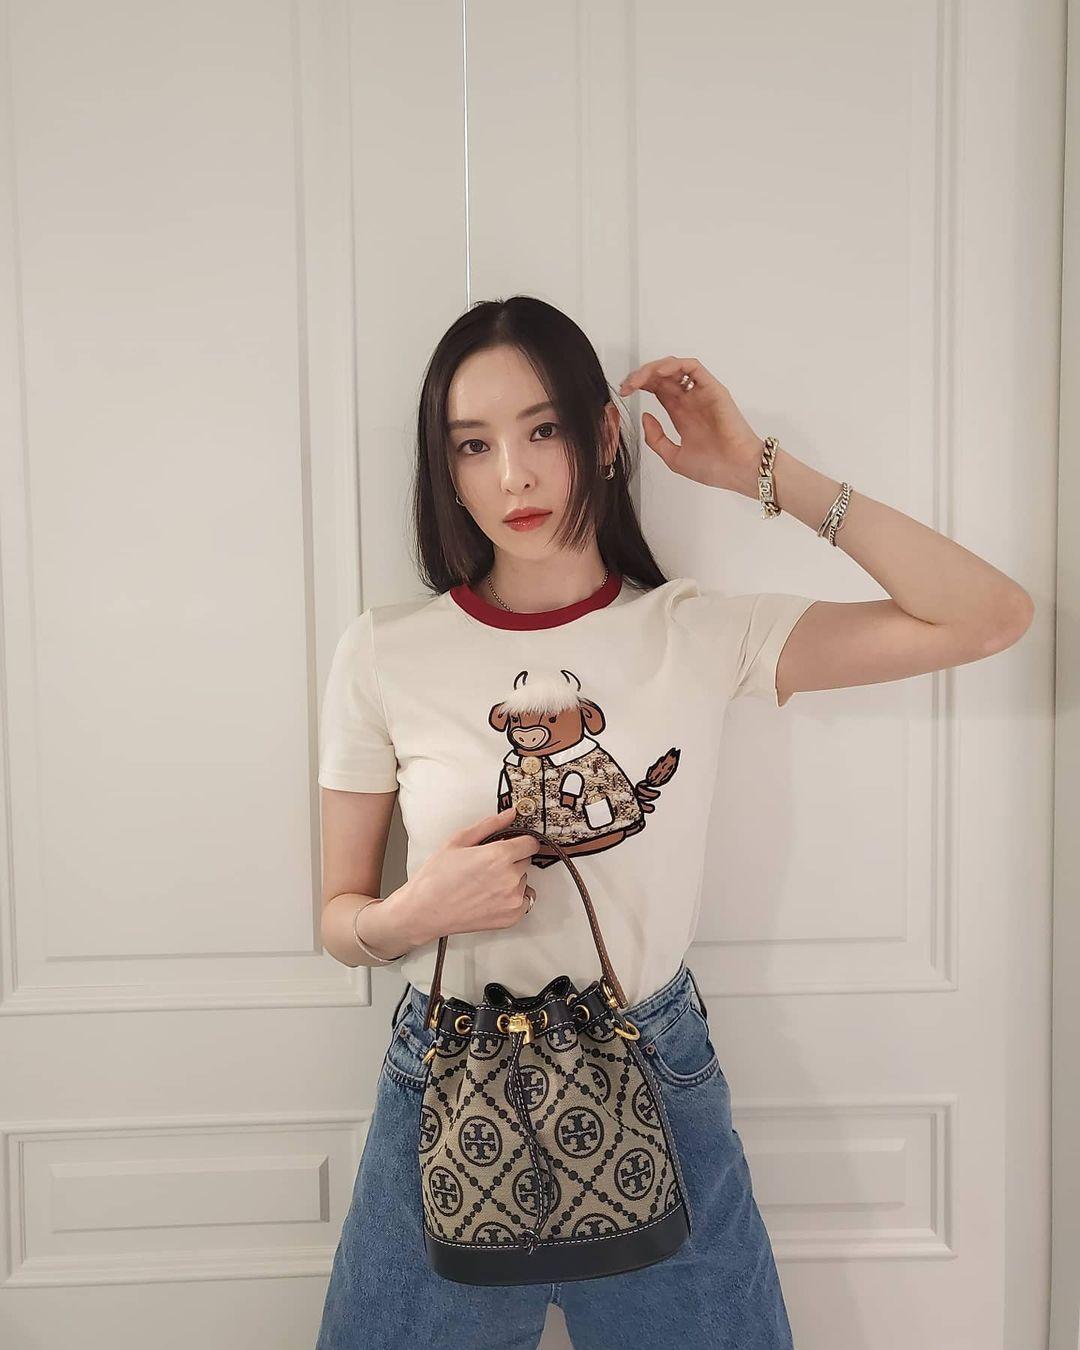 11 Aktris Korea Yang Semakin Bersinar, Padahal Dulunya Model 7